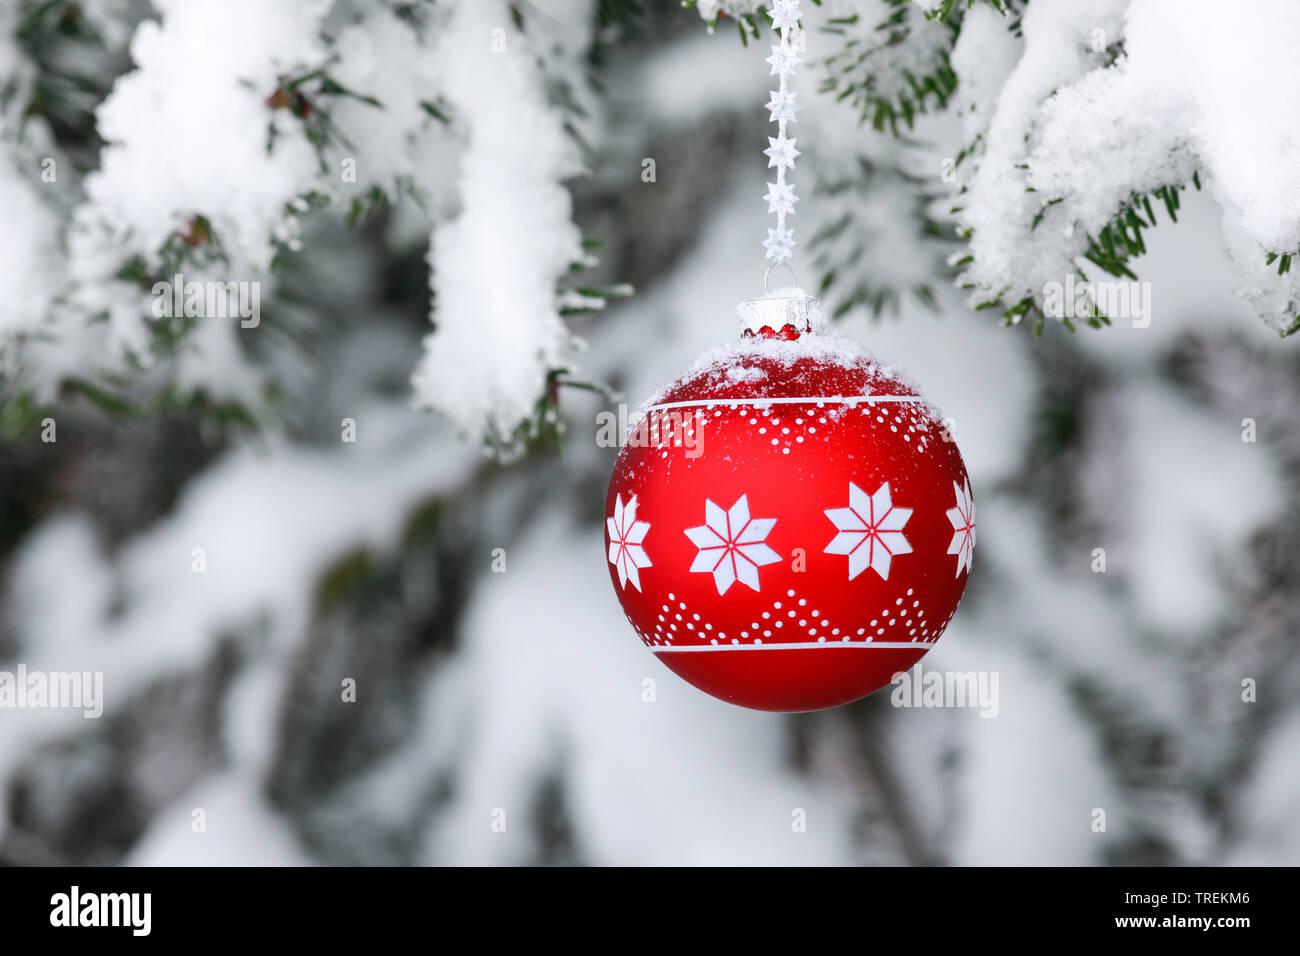 Weihnachtskugel an einem verschneiten Fichtenzweig, Schweiz   Christmas ball at a snow-covered spruce twig, Switzerland   BLWS528487.jpg [ (c) blickwi - Stock Image